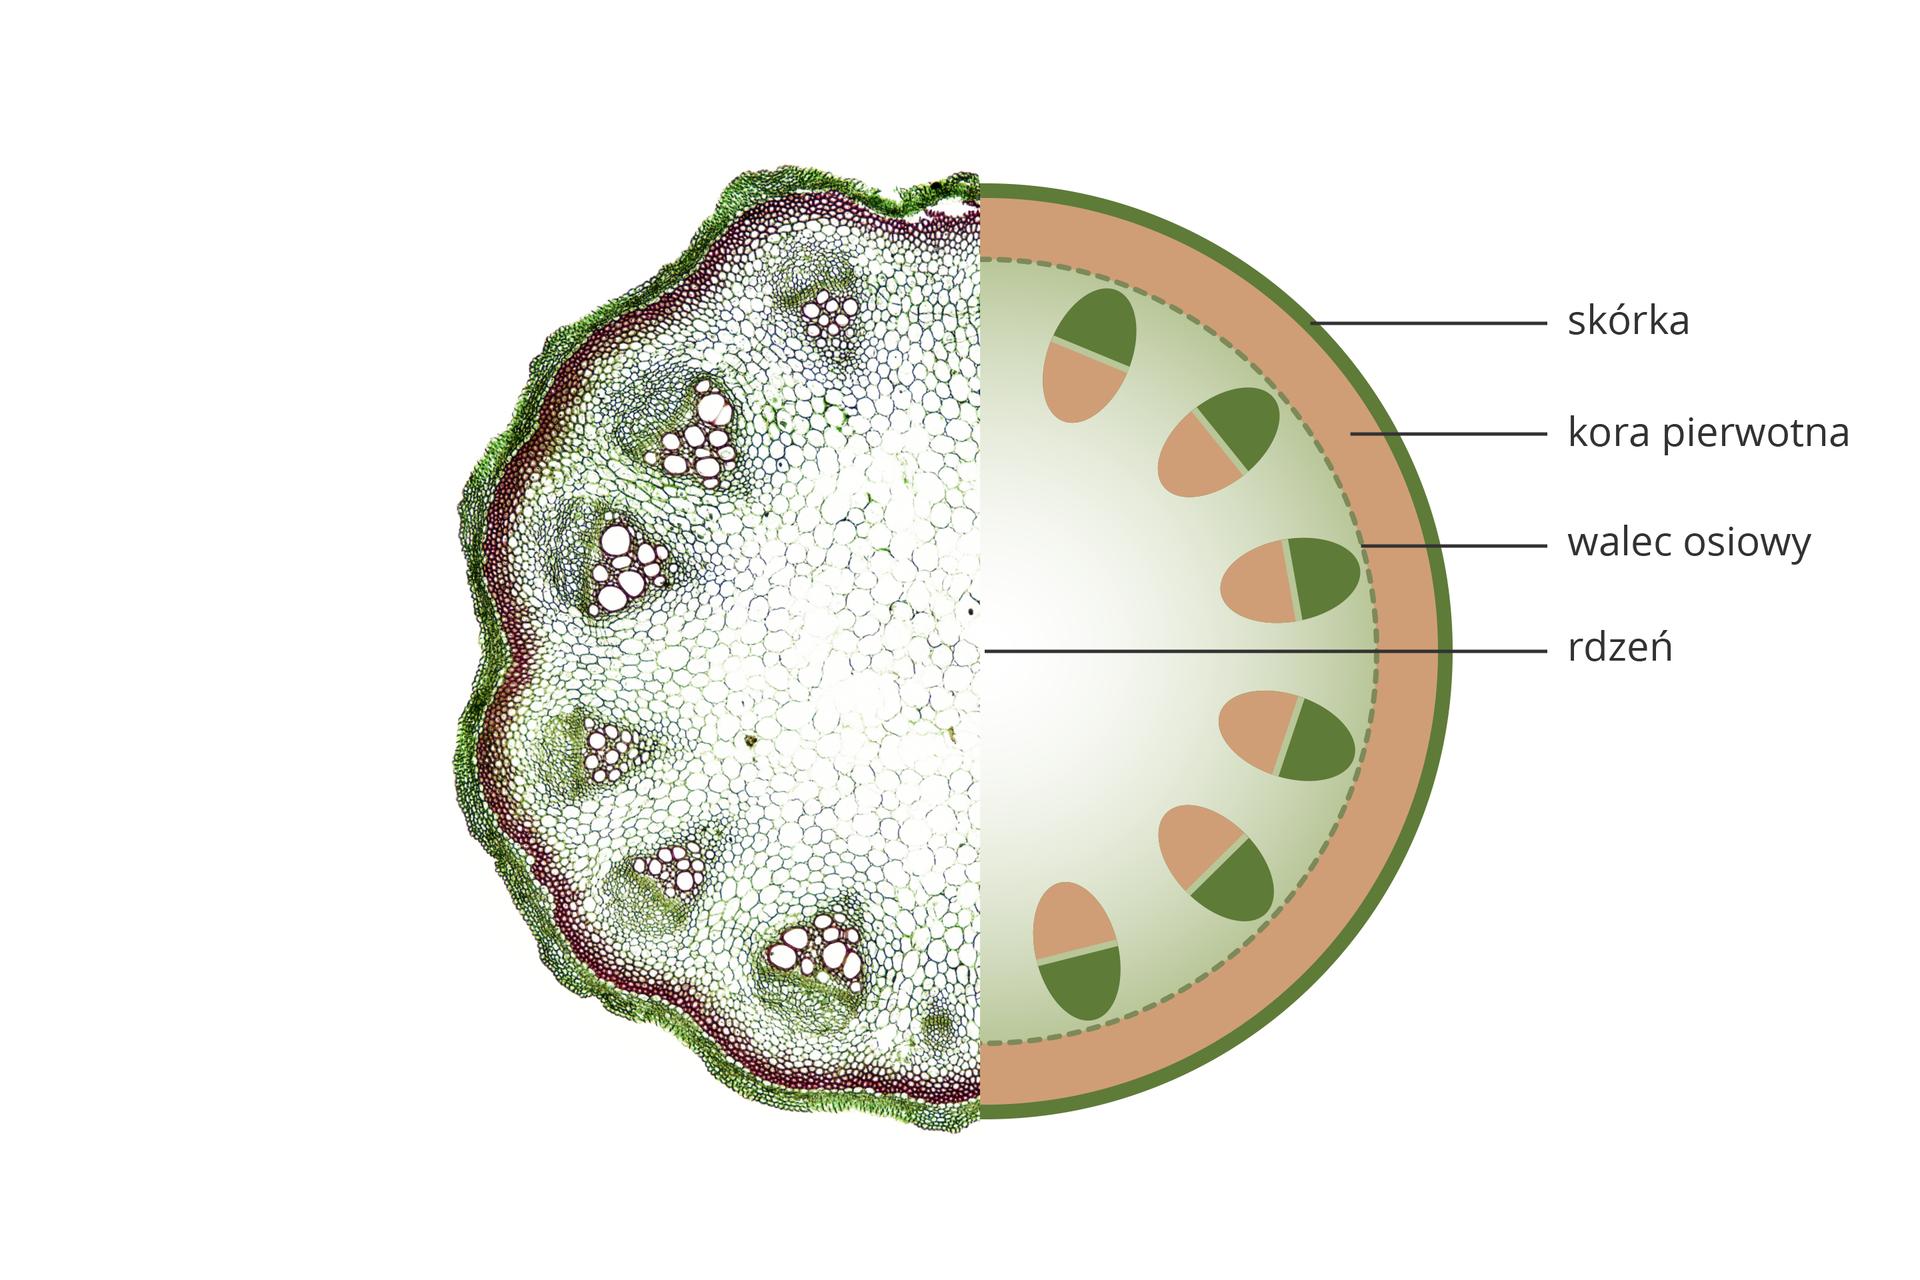 Ilustracja przedstawia rysunek schematyczny przekroju przez łodygę rośliny jednoliściennej. Tkanki oznaczono różnymi kolorami ipodpisano.